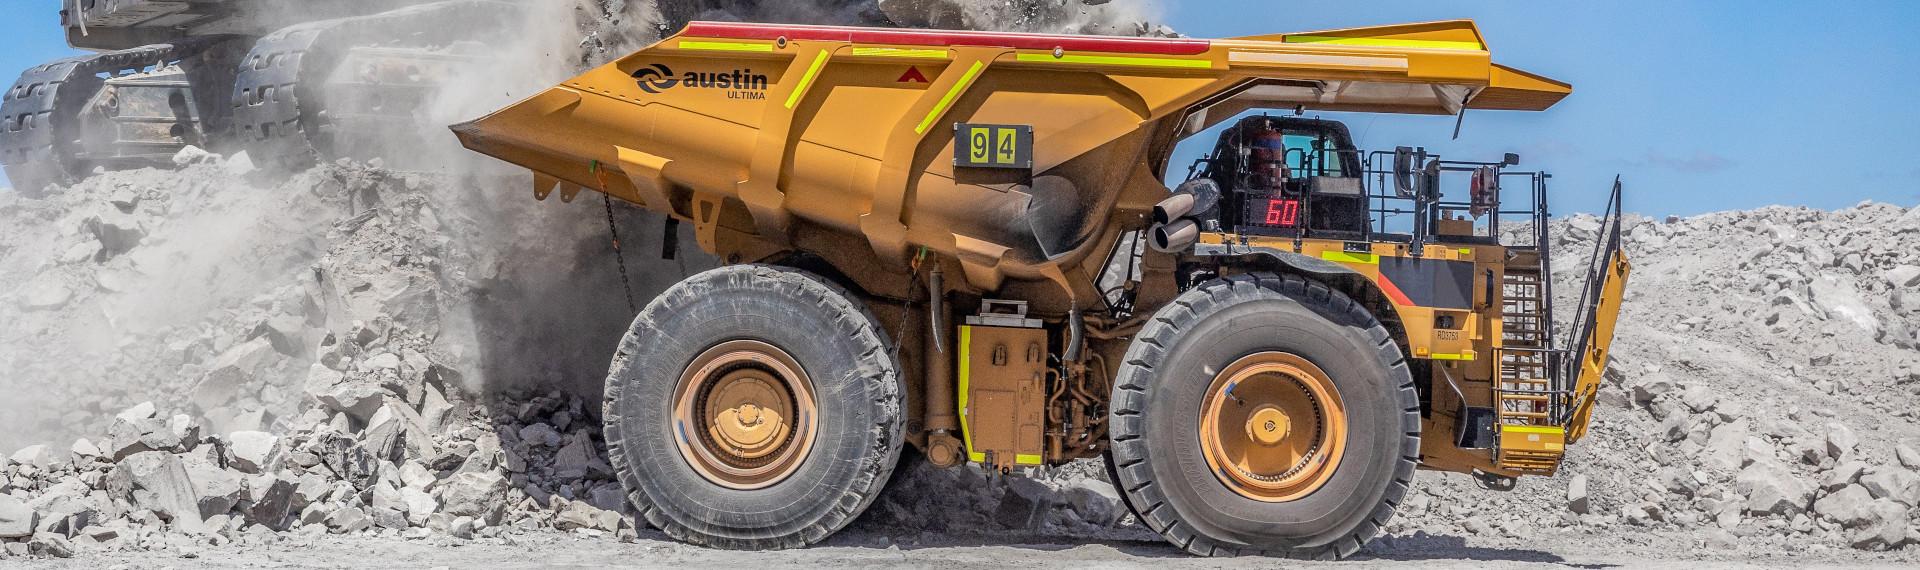 Velké těžební vozy společnosti Austin mají o 25% nižší hmotnost díky oceli Hardox 500 Tuf